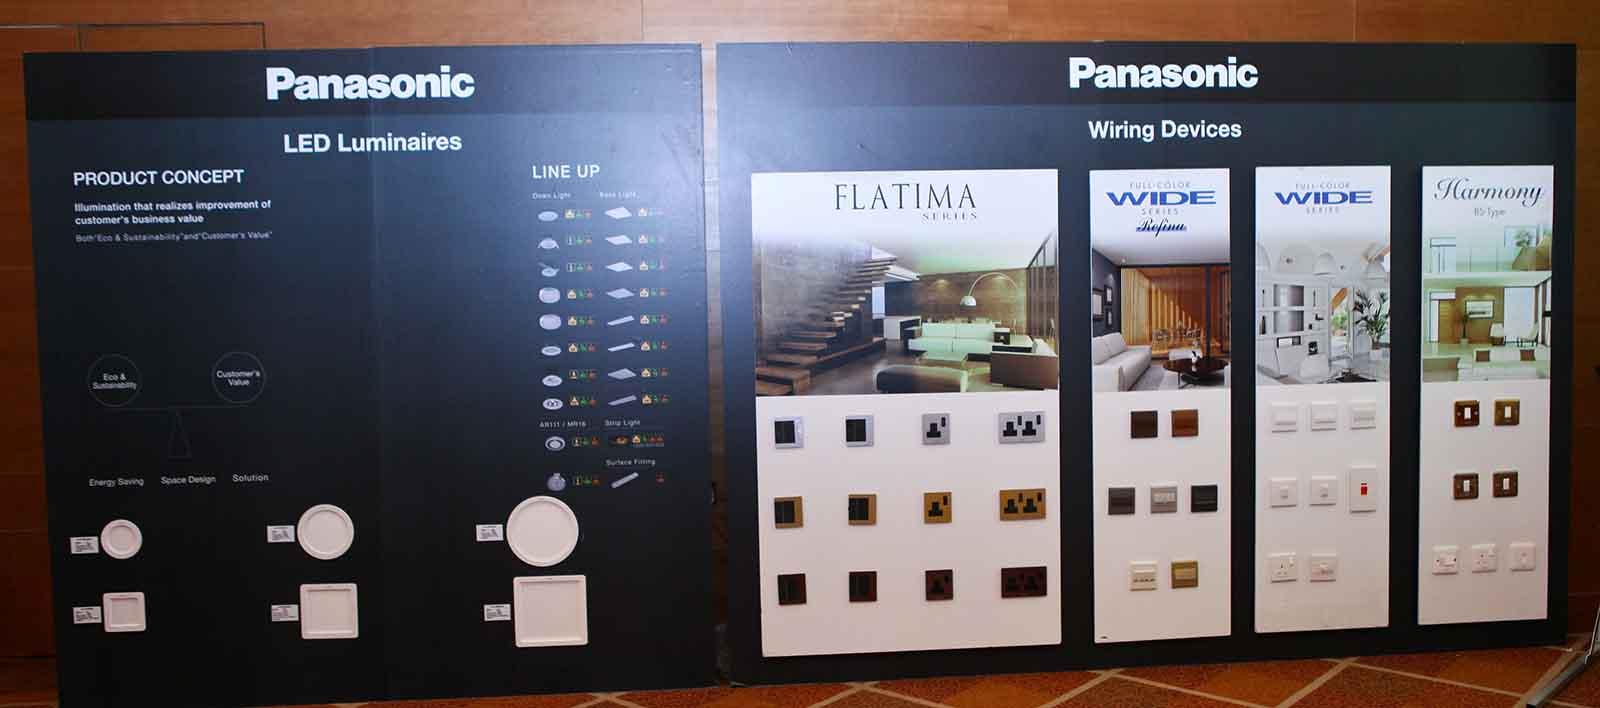 Wiring Devices Panasonic Vision Cq C1305u Diagram 05 Dealermtg Uae Led Luminaires And